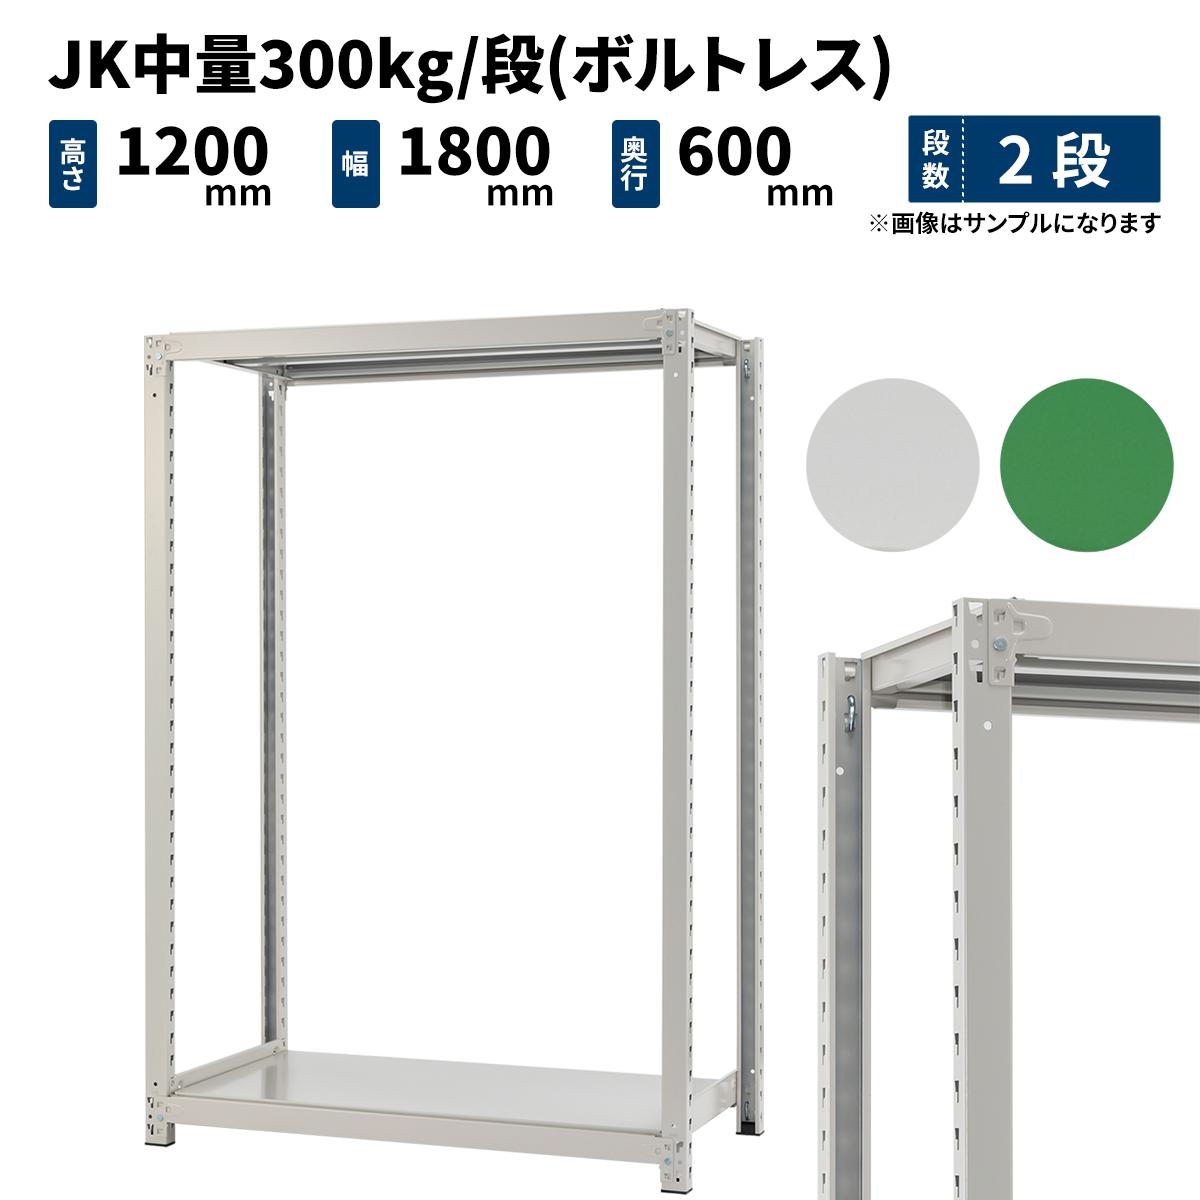 スチールラック 業務用 JK中量300kg/段(ボルトレス) 単体形式 高さ1200×幅1800×奥行600mm 2段 ホワイトグレー/グリーン (47kg) JK300_T-121806-2